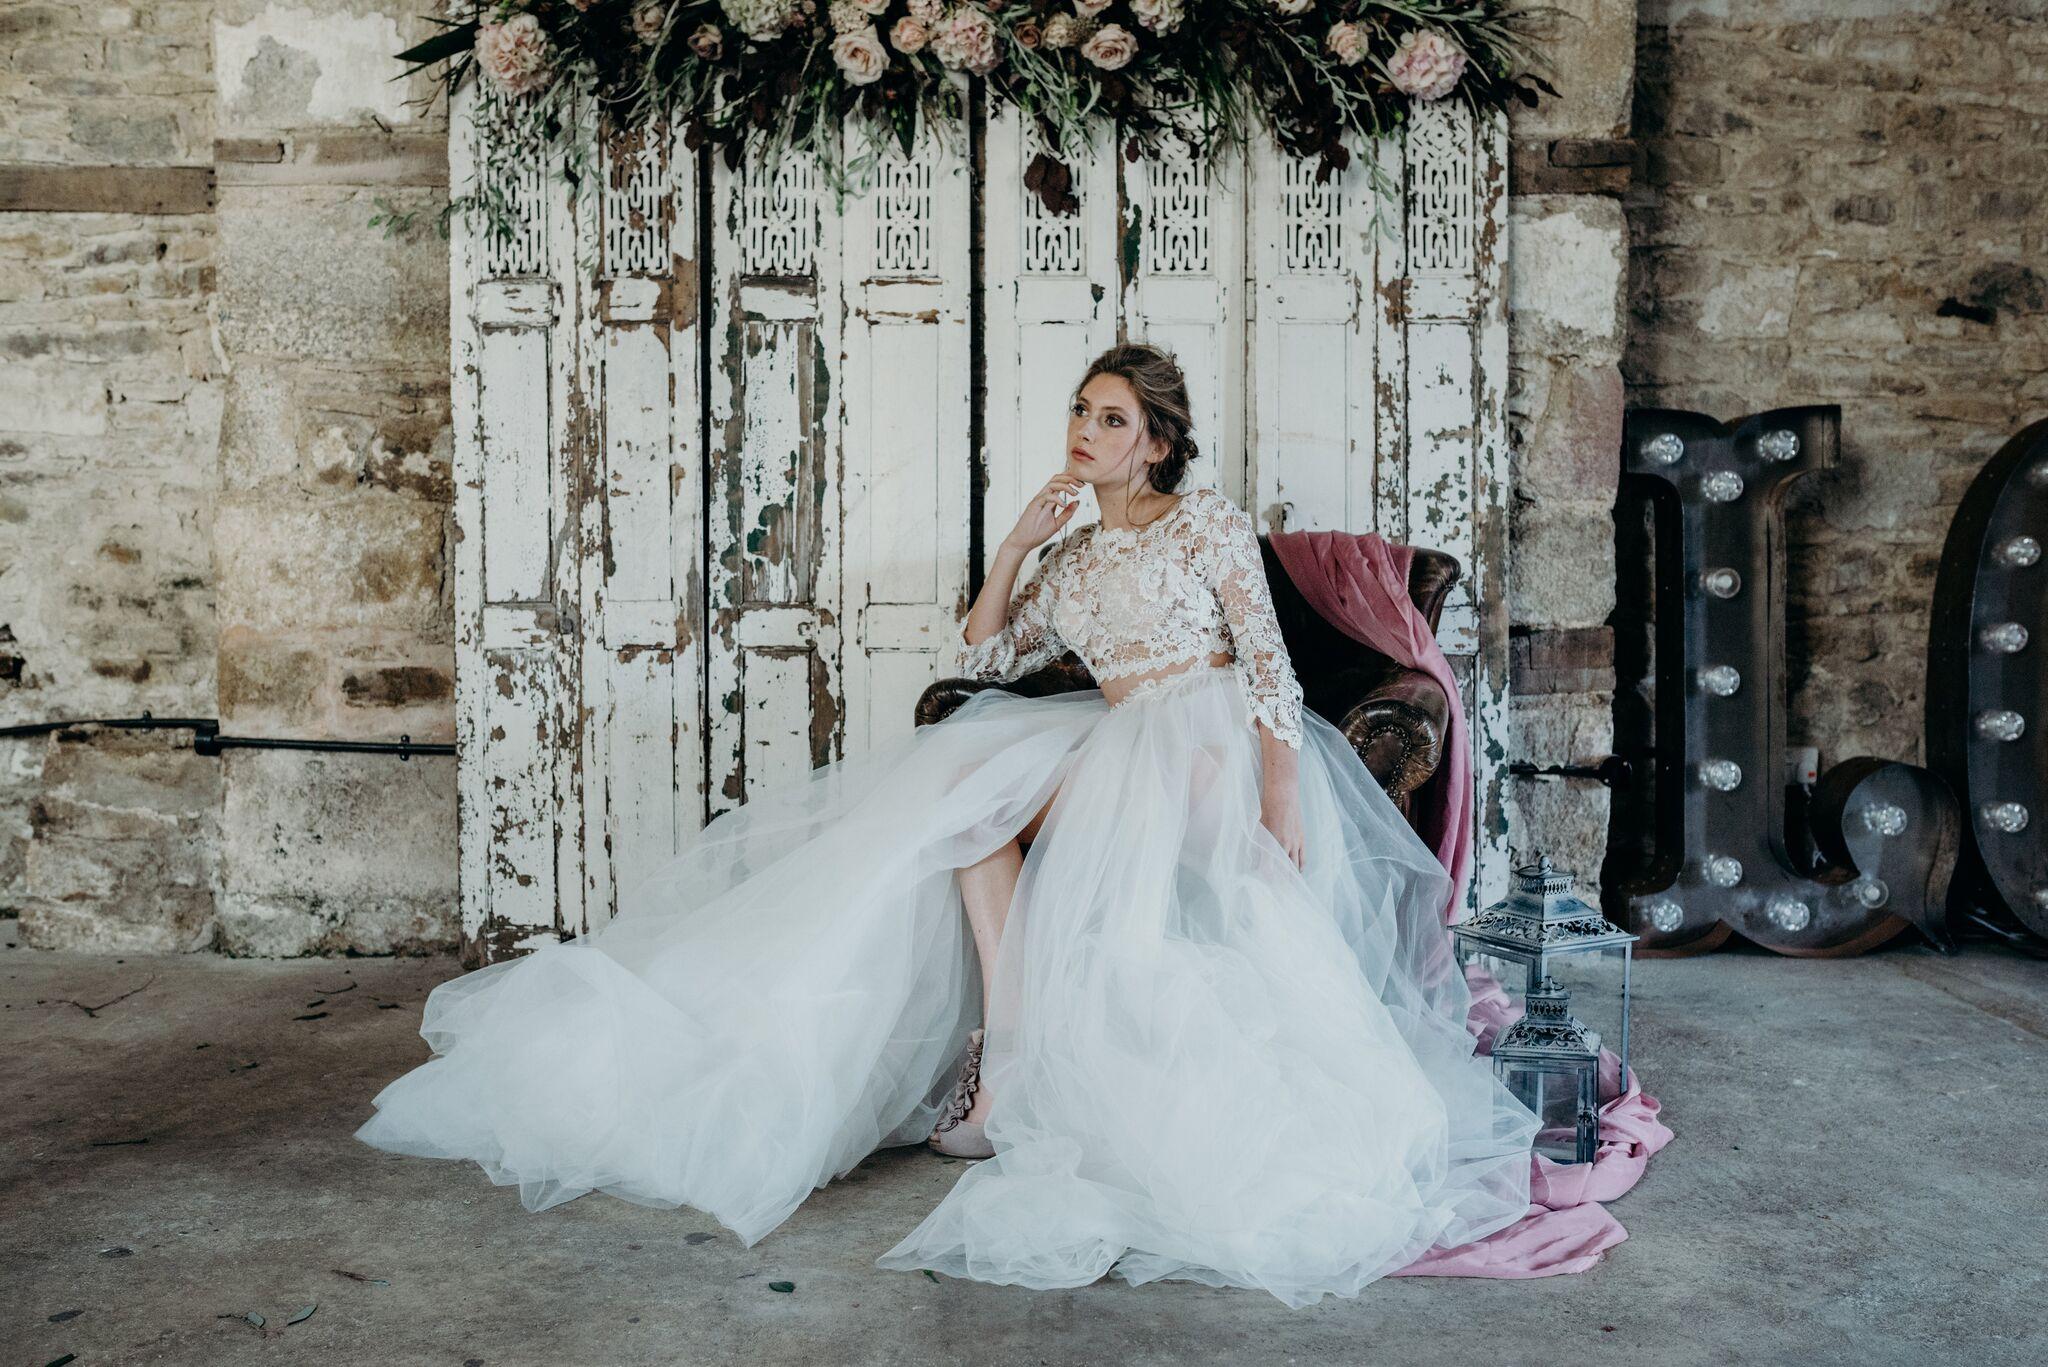 Virginias Vintage Hire | Wedding Decoration and Hire | Bridebook